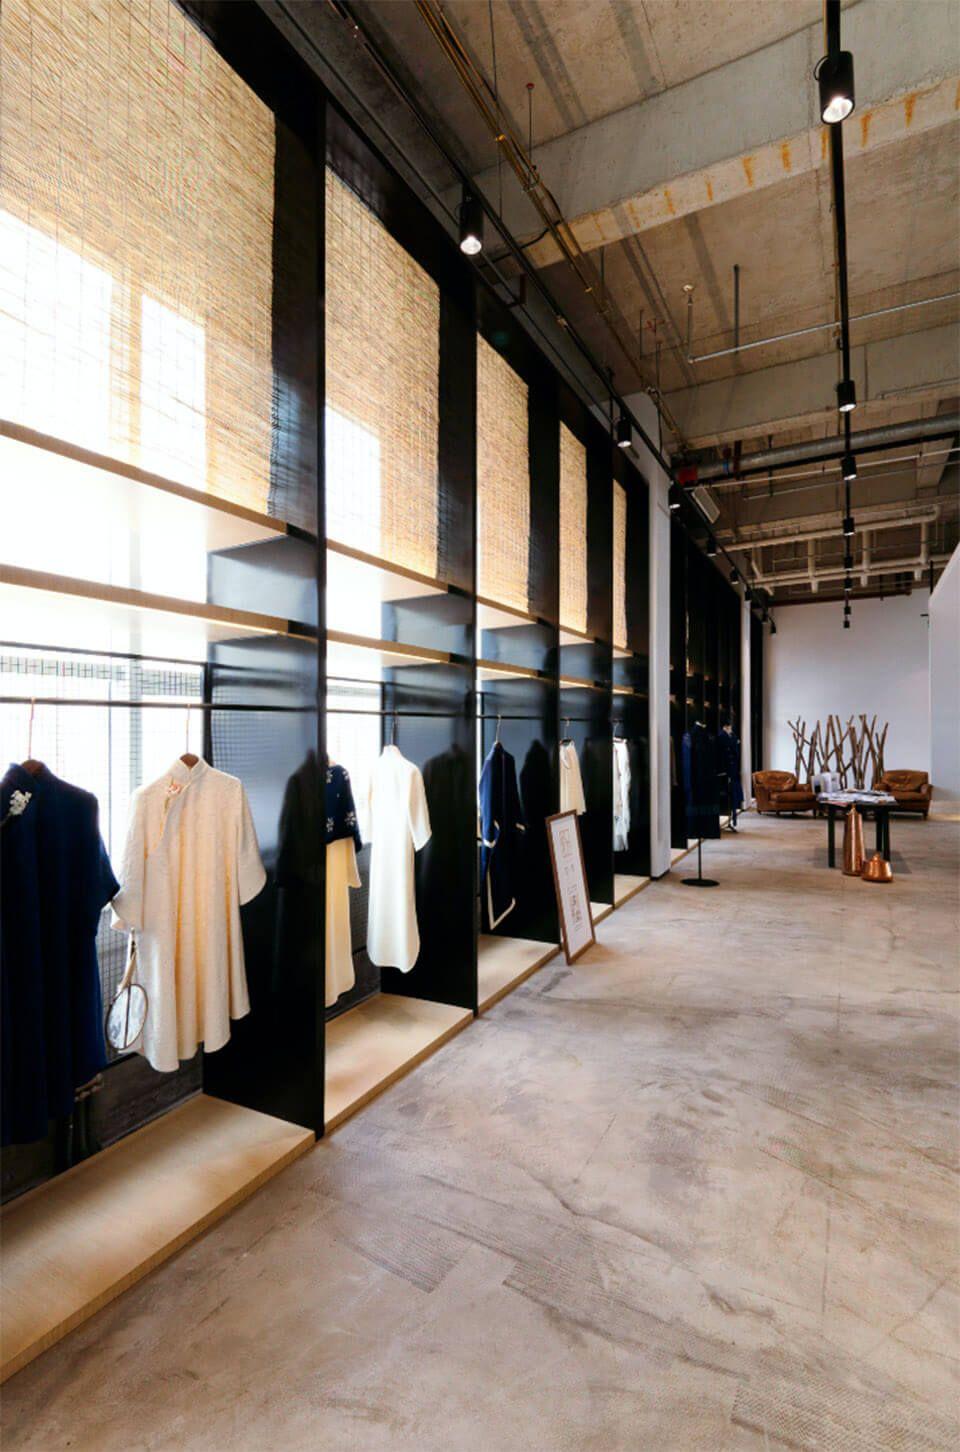 时尚工业风:北京服装学院容成时尚创意产业园办公空间设计| - 9